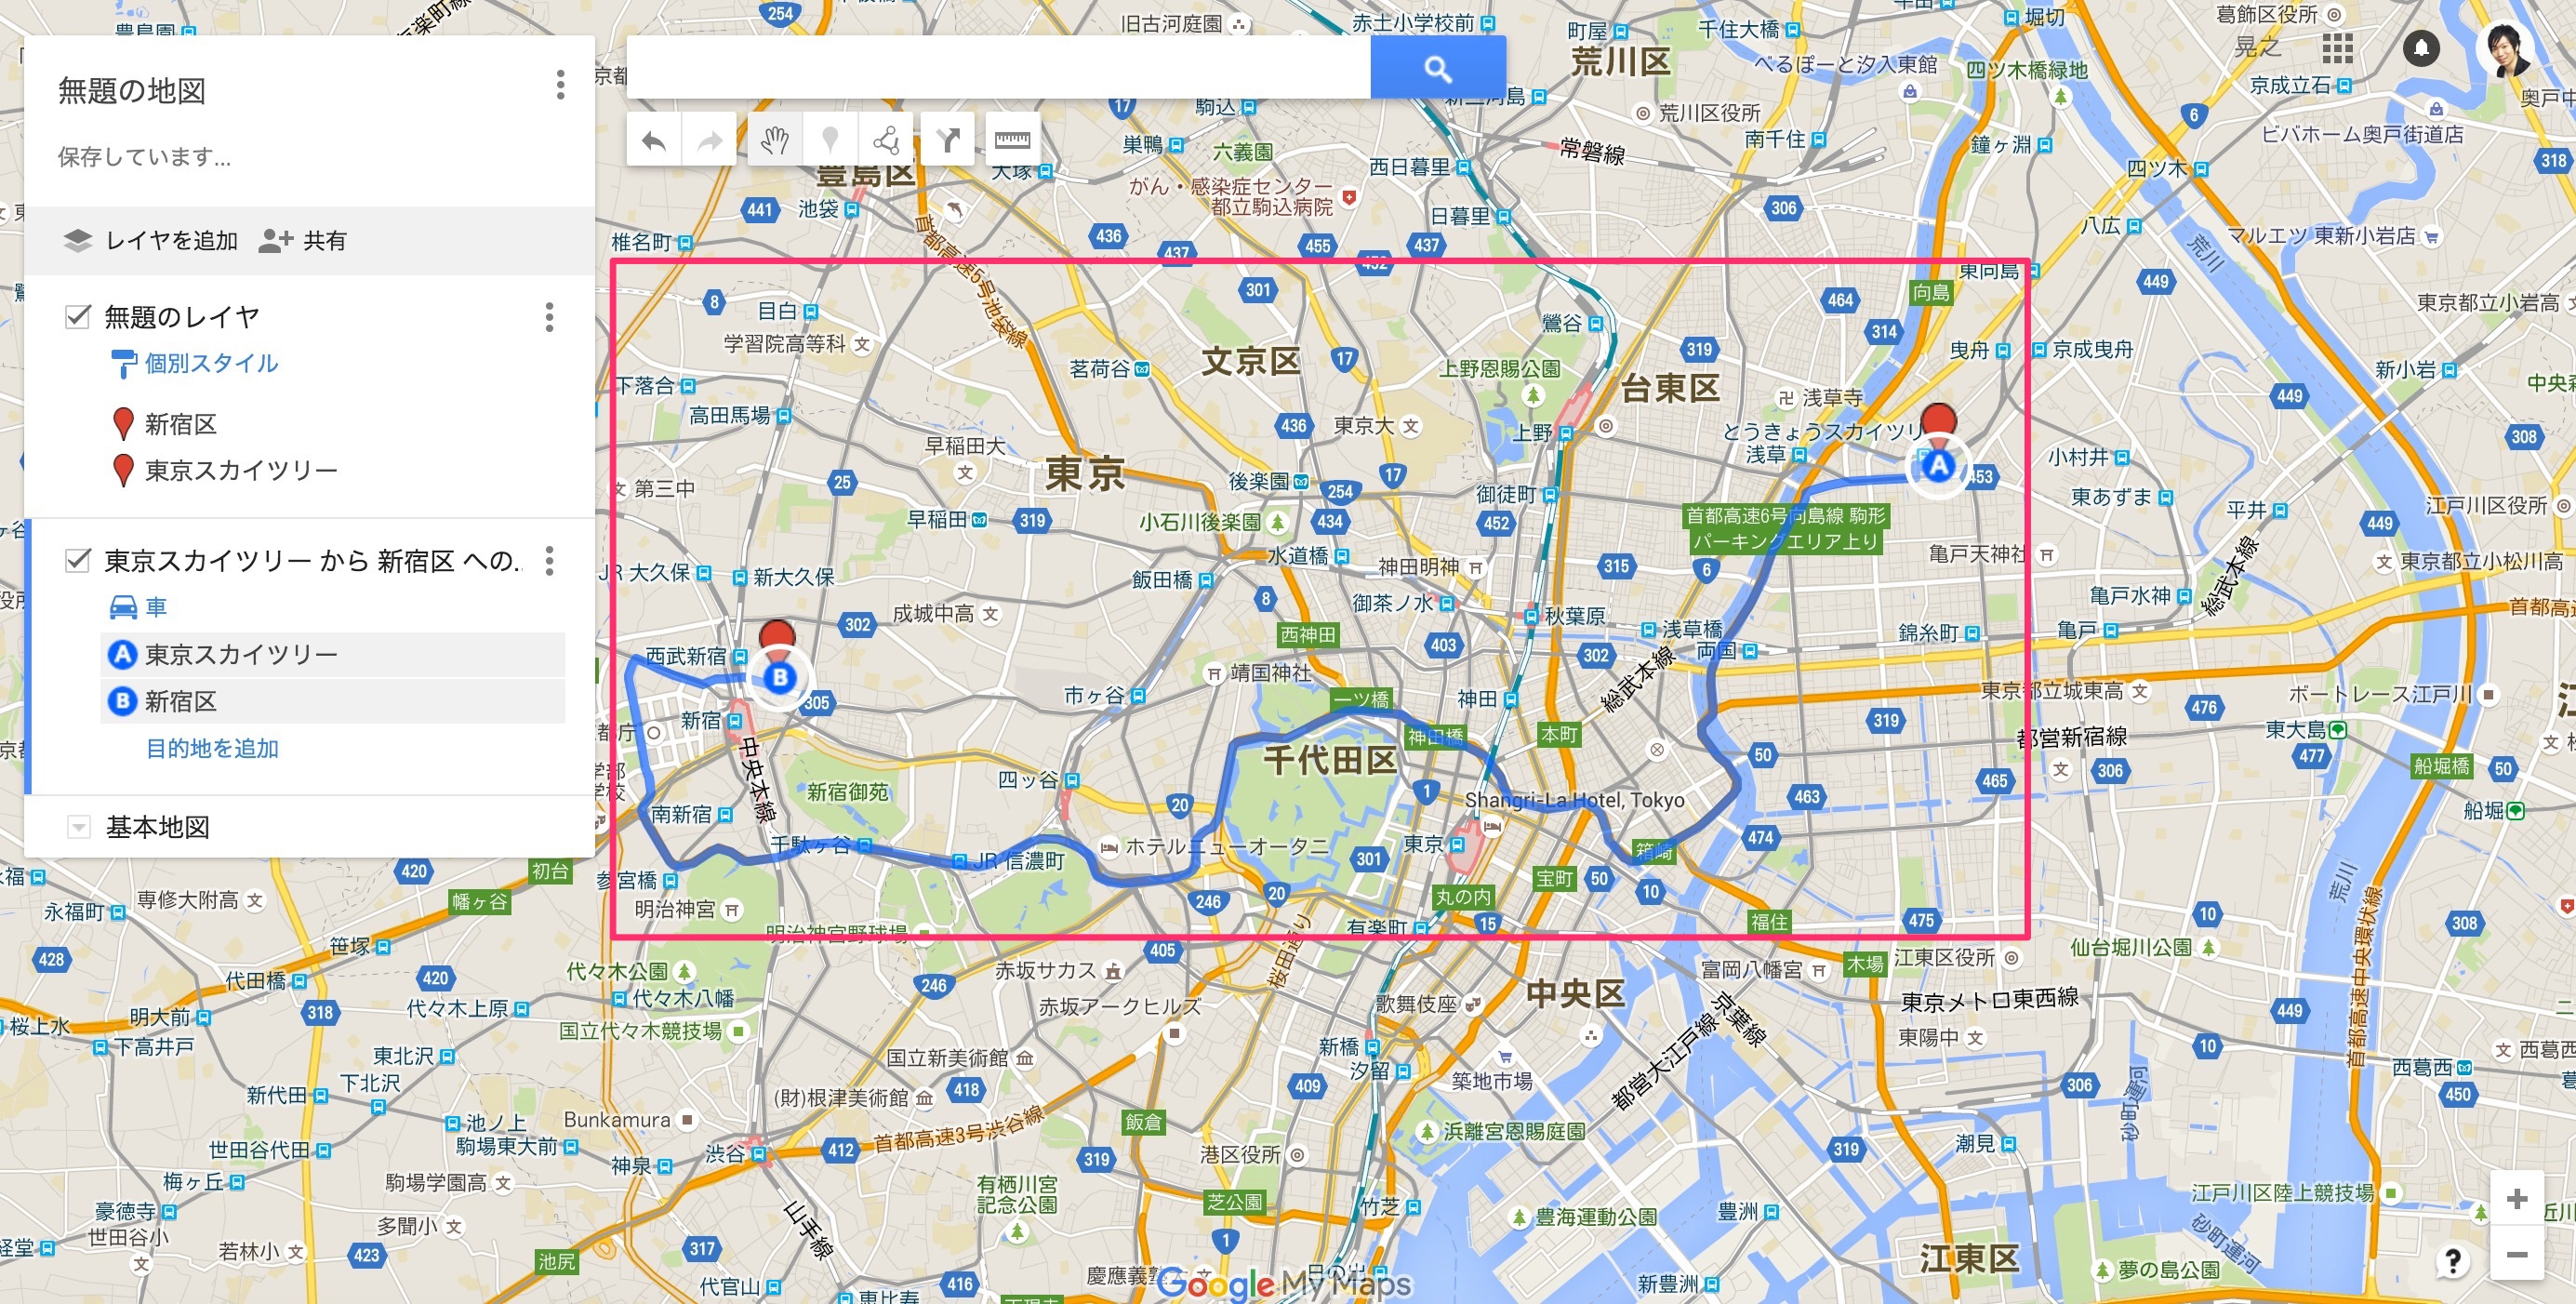 googlemapのマイプレイスの使い方9